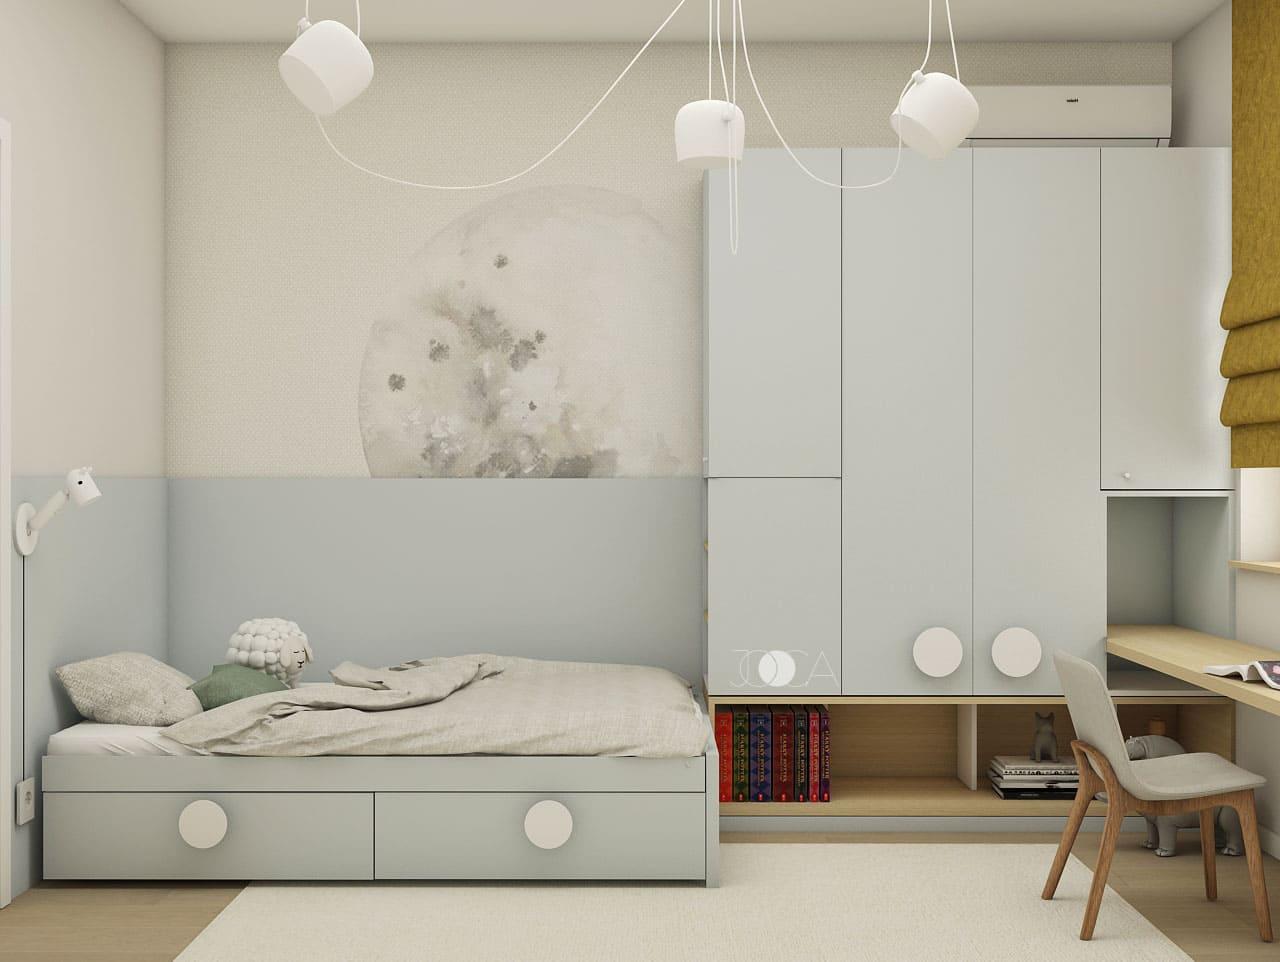 Tapetul cu o imagine minimalista, separa zona de depozitare de cea de dormit, intr-o maniera discreta.